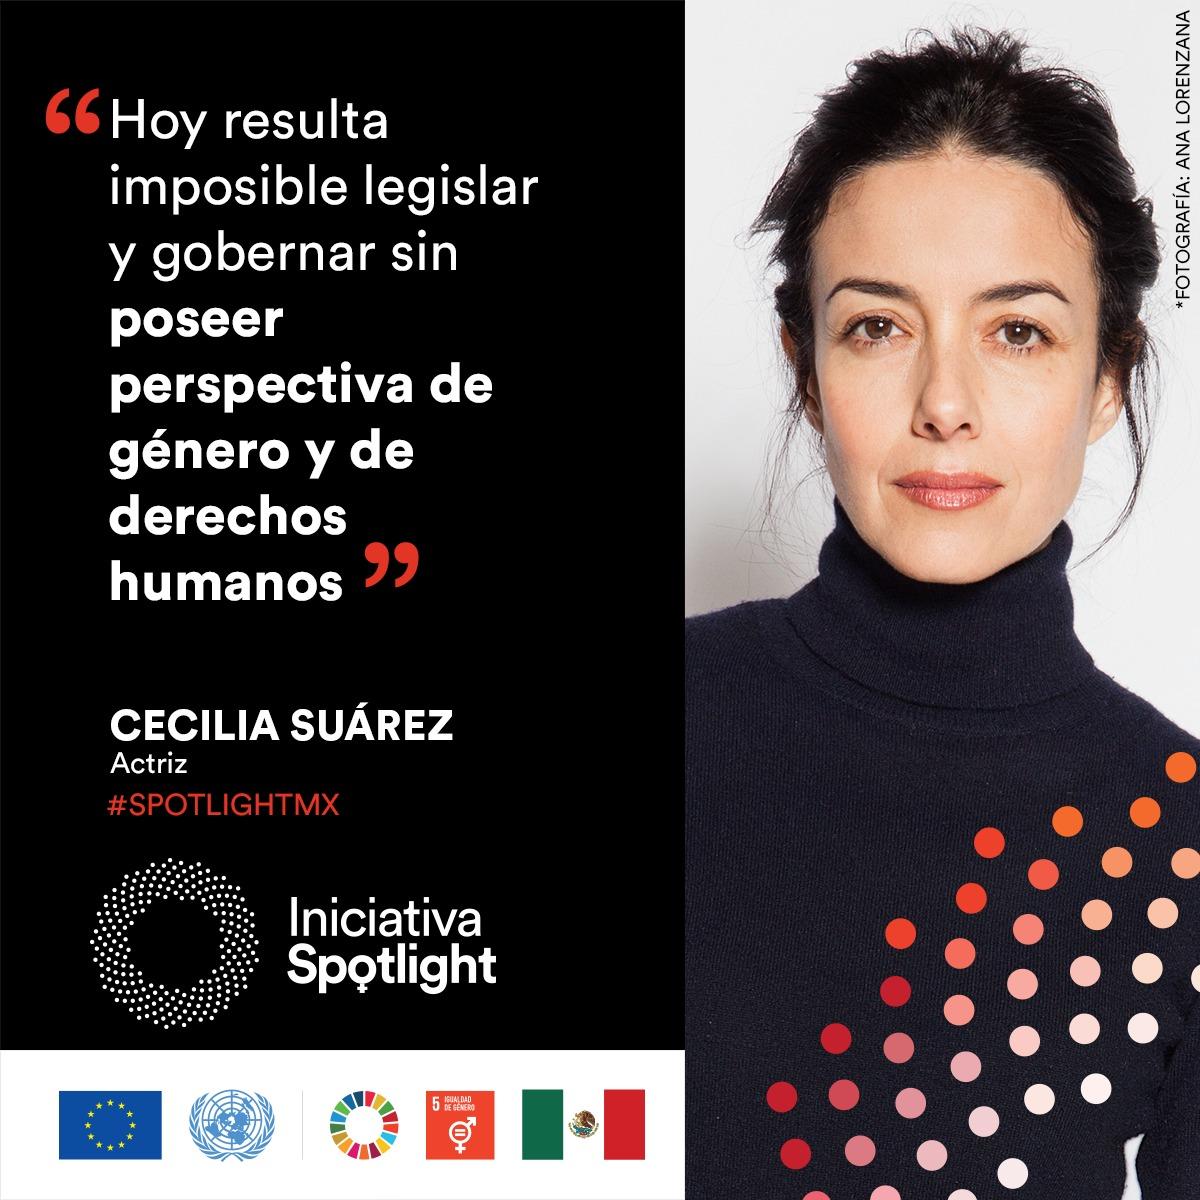 🟠El día 25 de cada mes es una oportunidad para recordar que la violencia contra las mujeres no es normal y no tenemos por qué aceptarla. #DíaNaranja #Únete #SpotlightMX🇲🇽 #AltoAlFeminicidio 💡¡Comparte y sé parte de la acción! Gracias @CeciliaSuarezOF